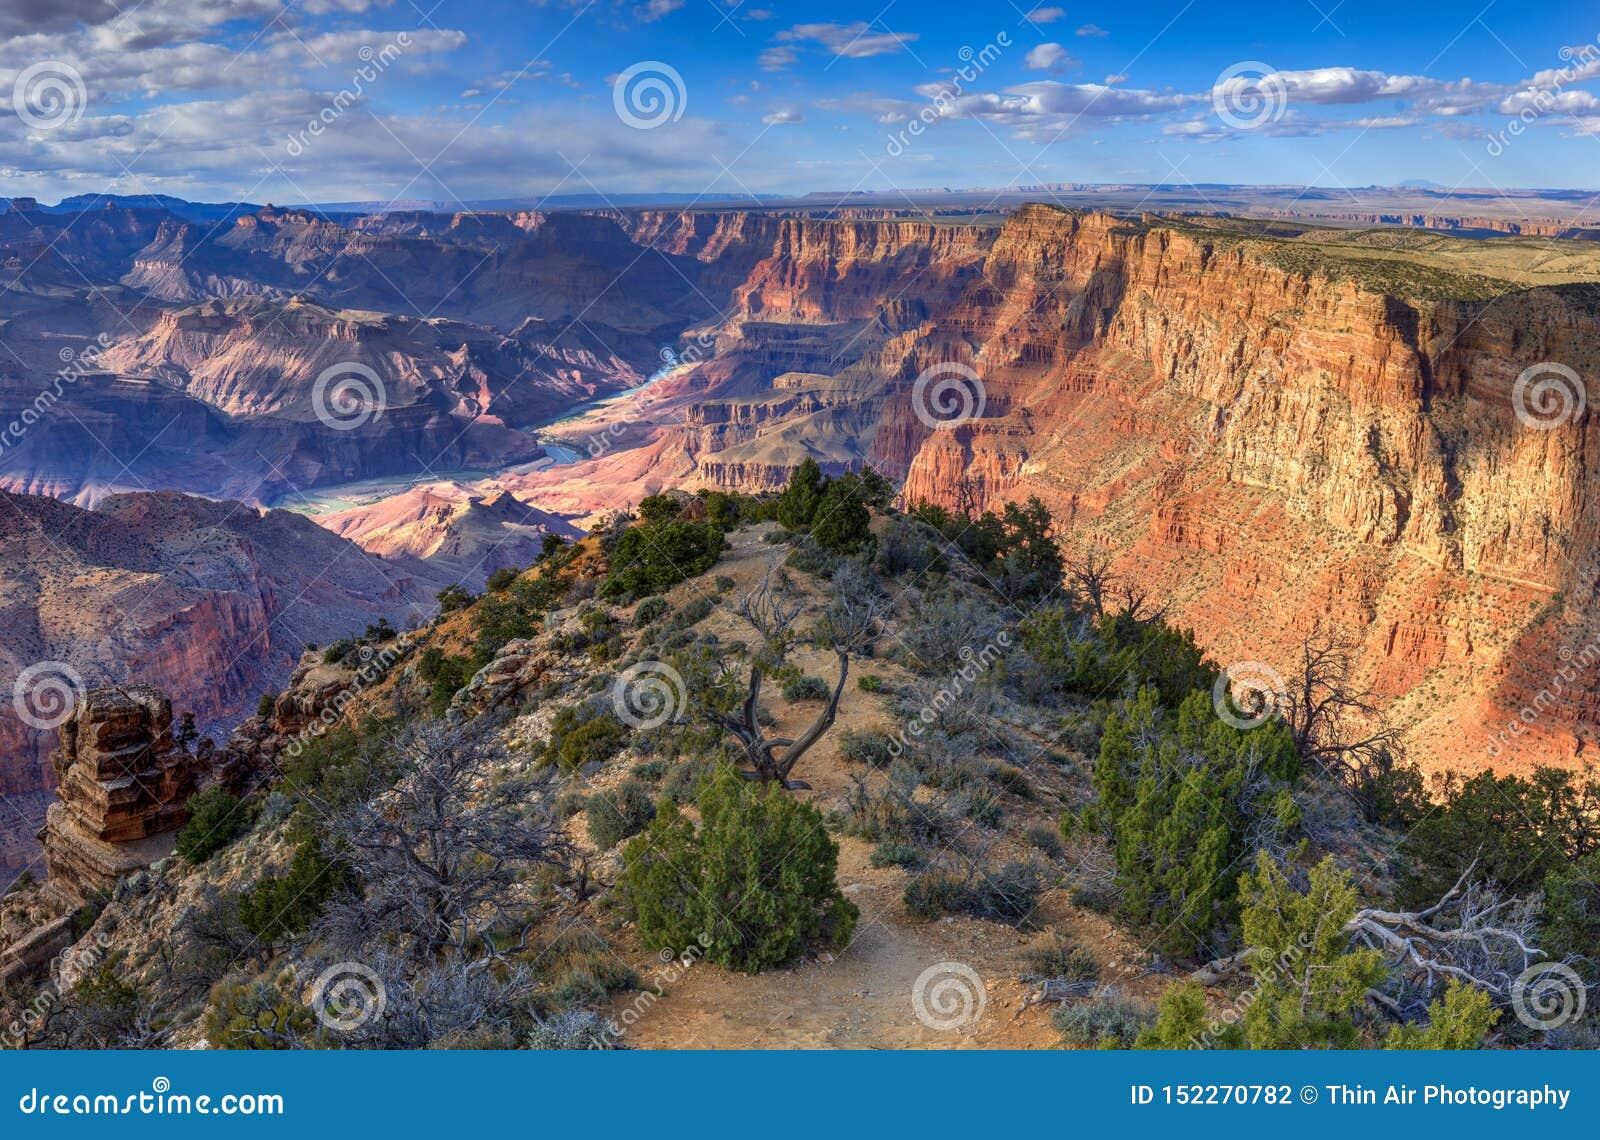 可口沙漠视图,沙漠视图俯视,大峡谷国家公园,亚利桑那,美国